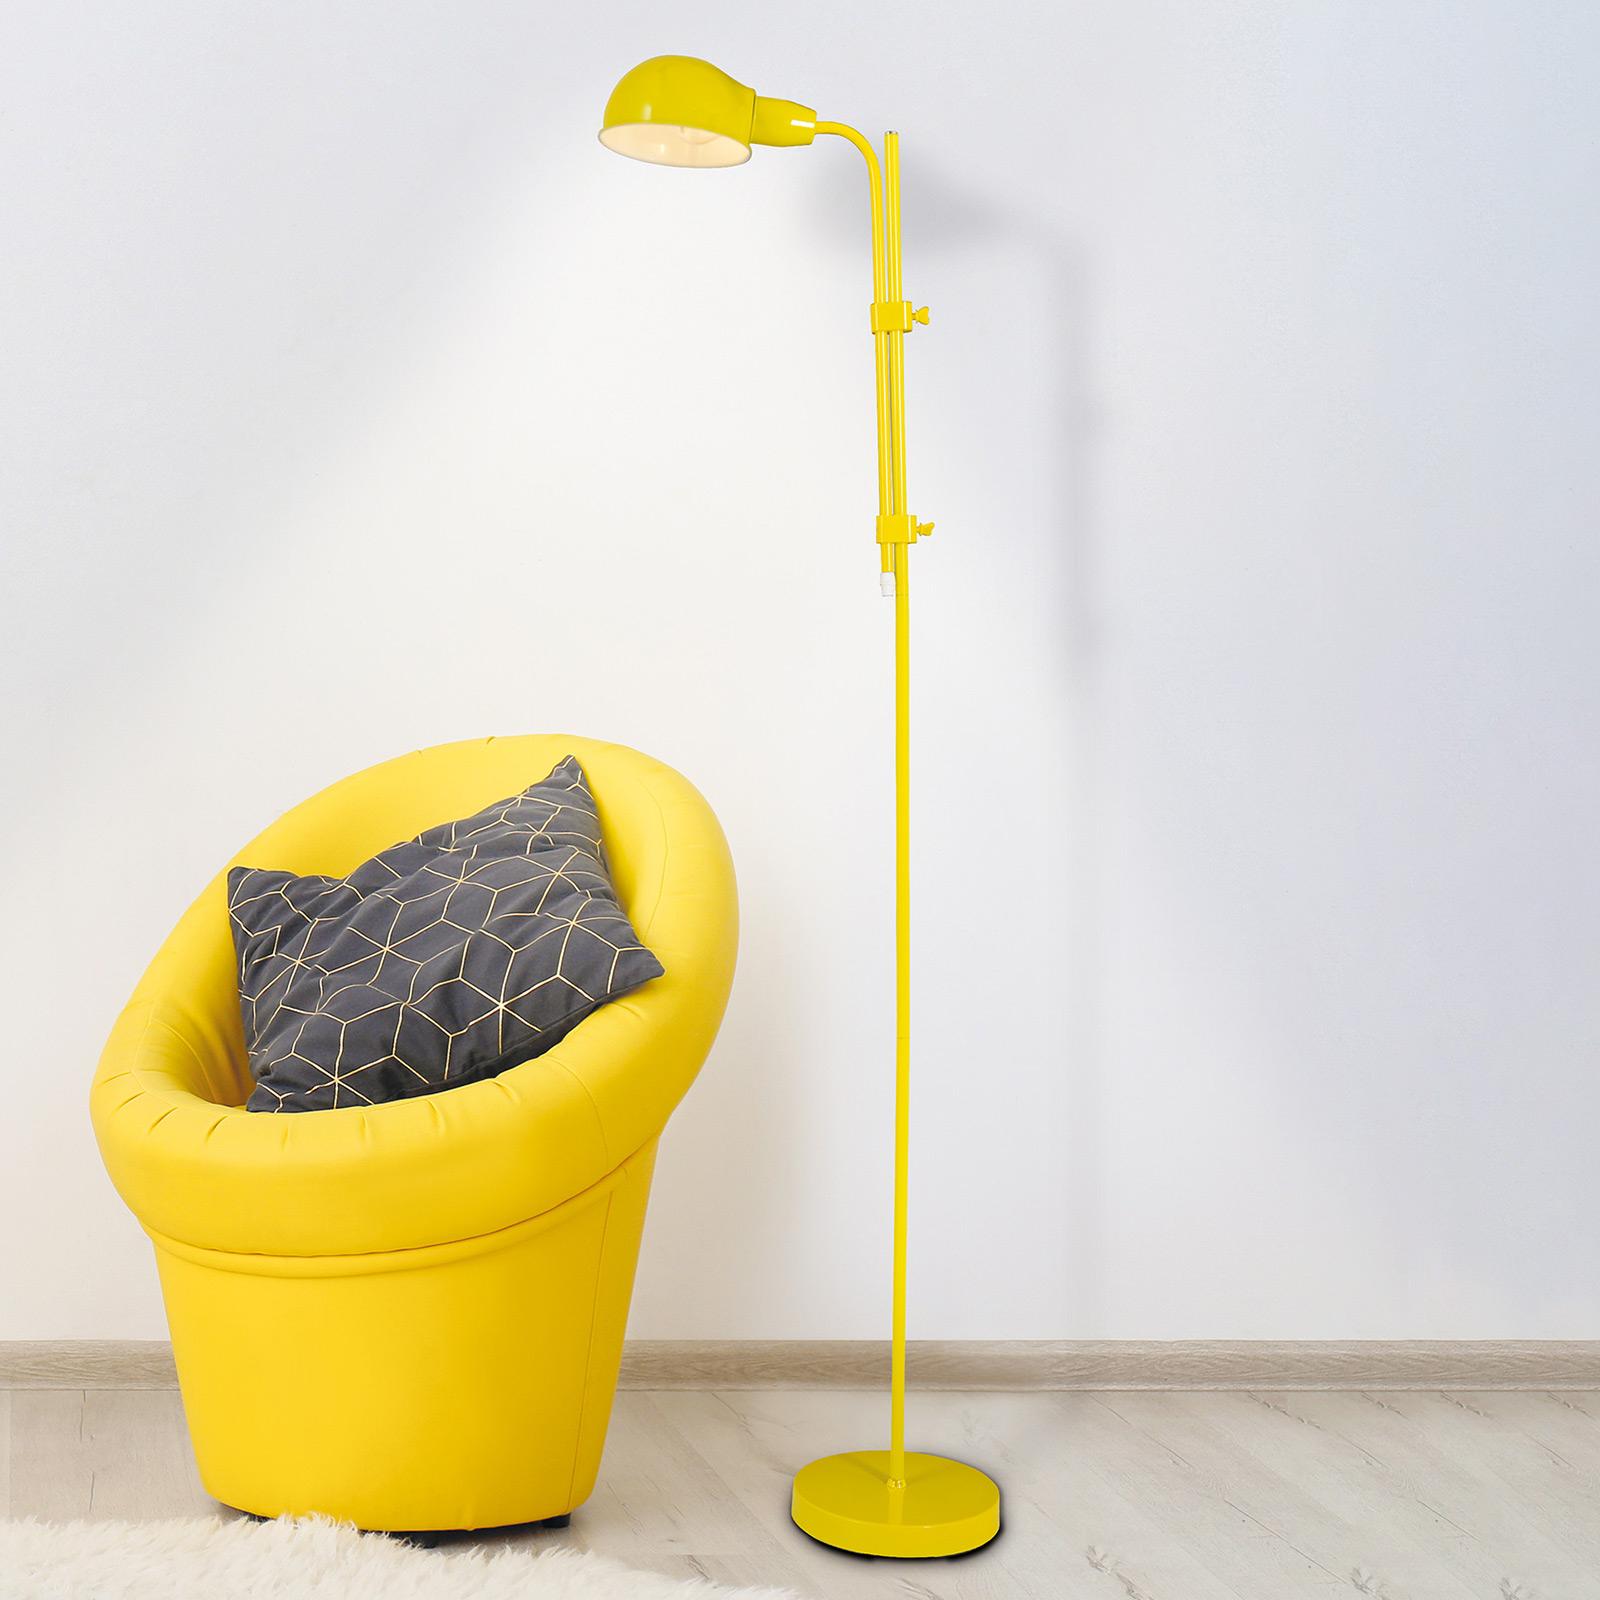 Stehleuchte Alani mit Tippschalter, gelb